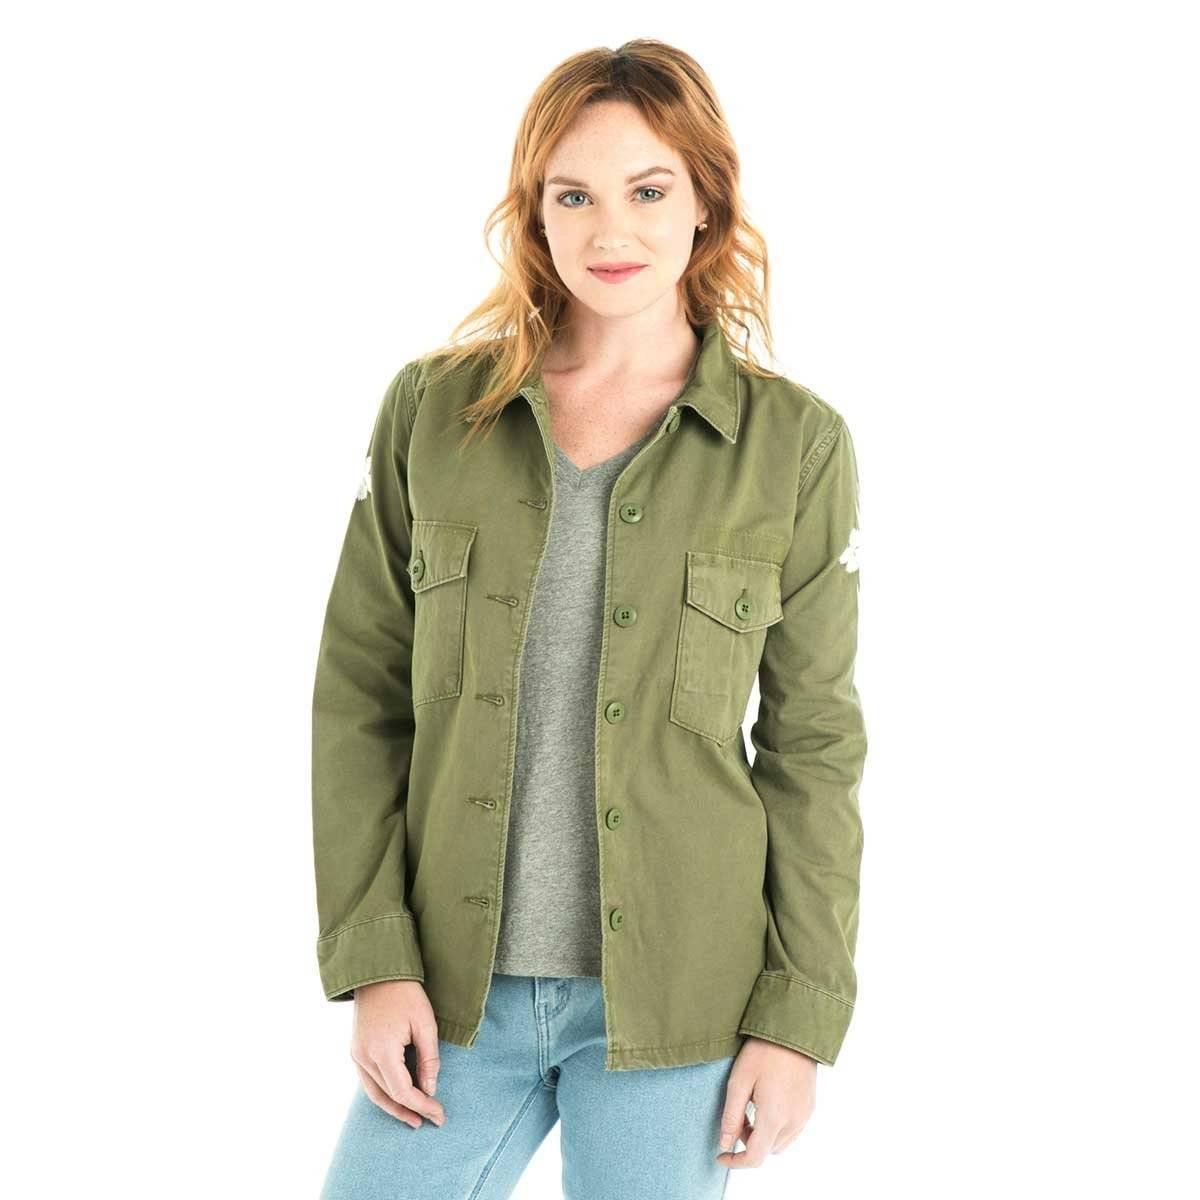 Chamarra Chaqueta Camisa Mujer En 00 De 053 Levis® Ejército 2 7w6Rq5nq